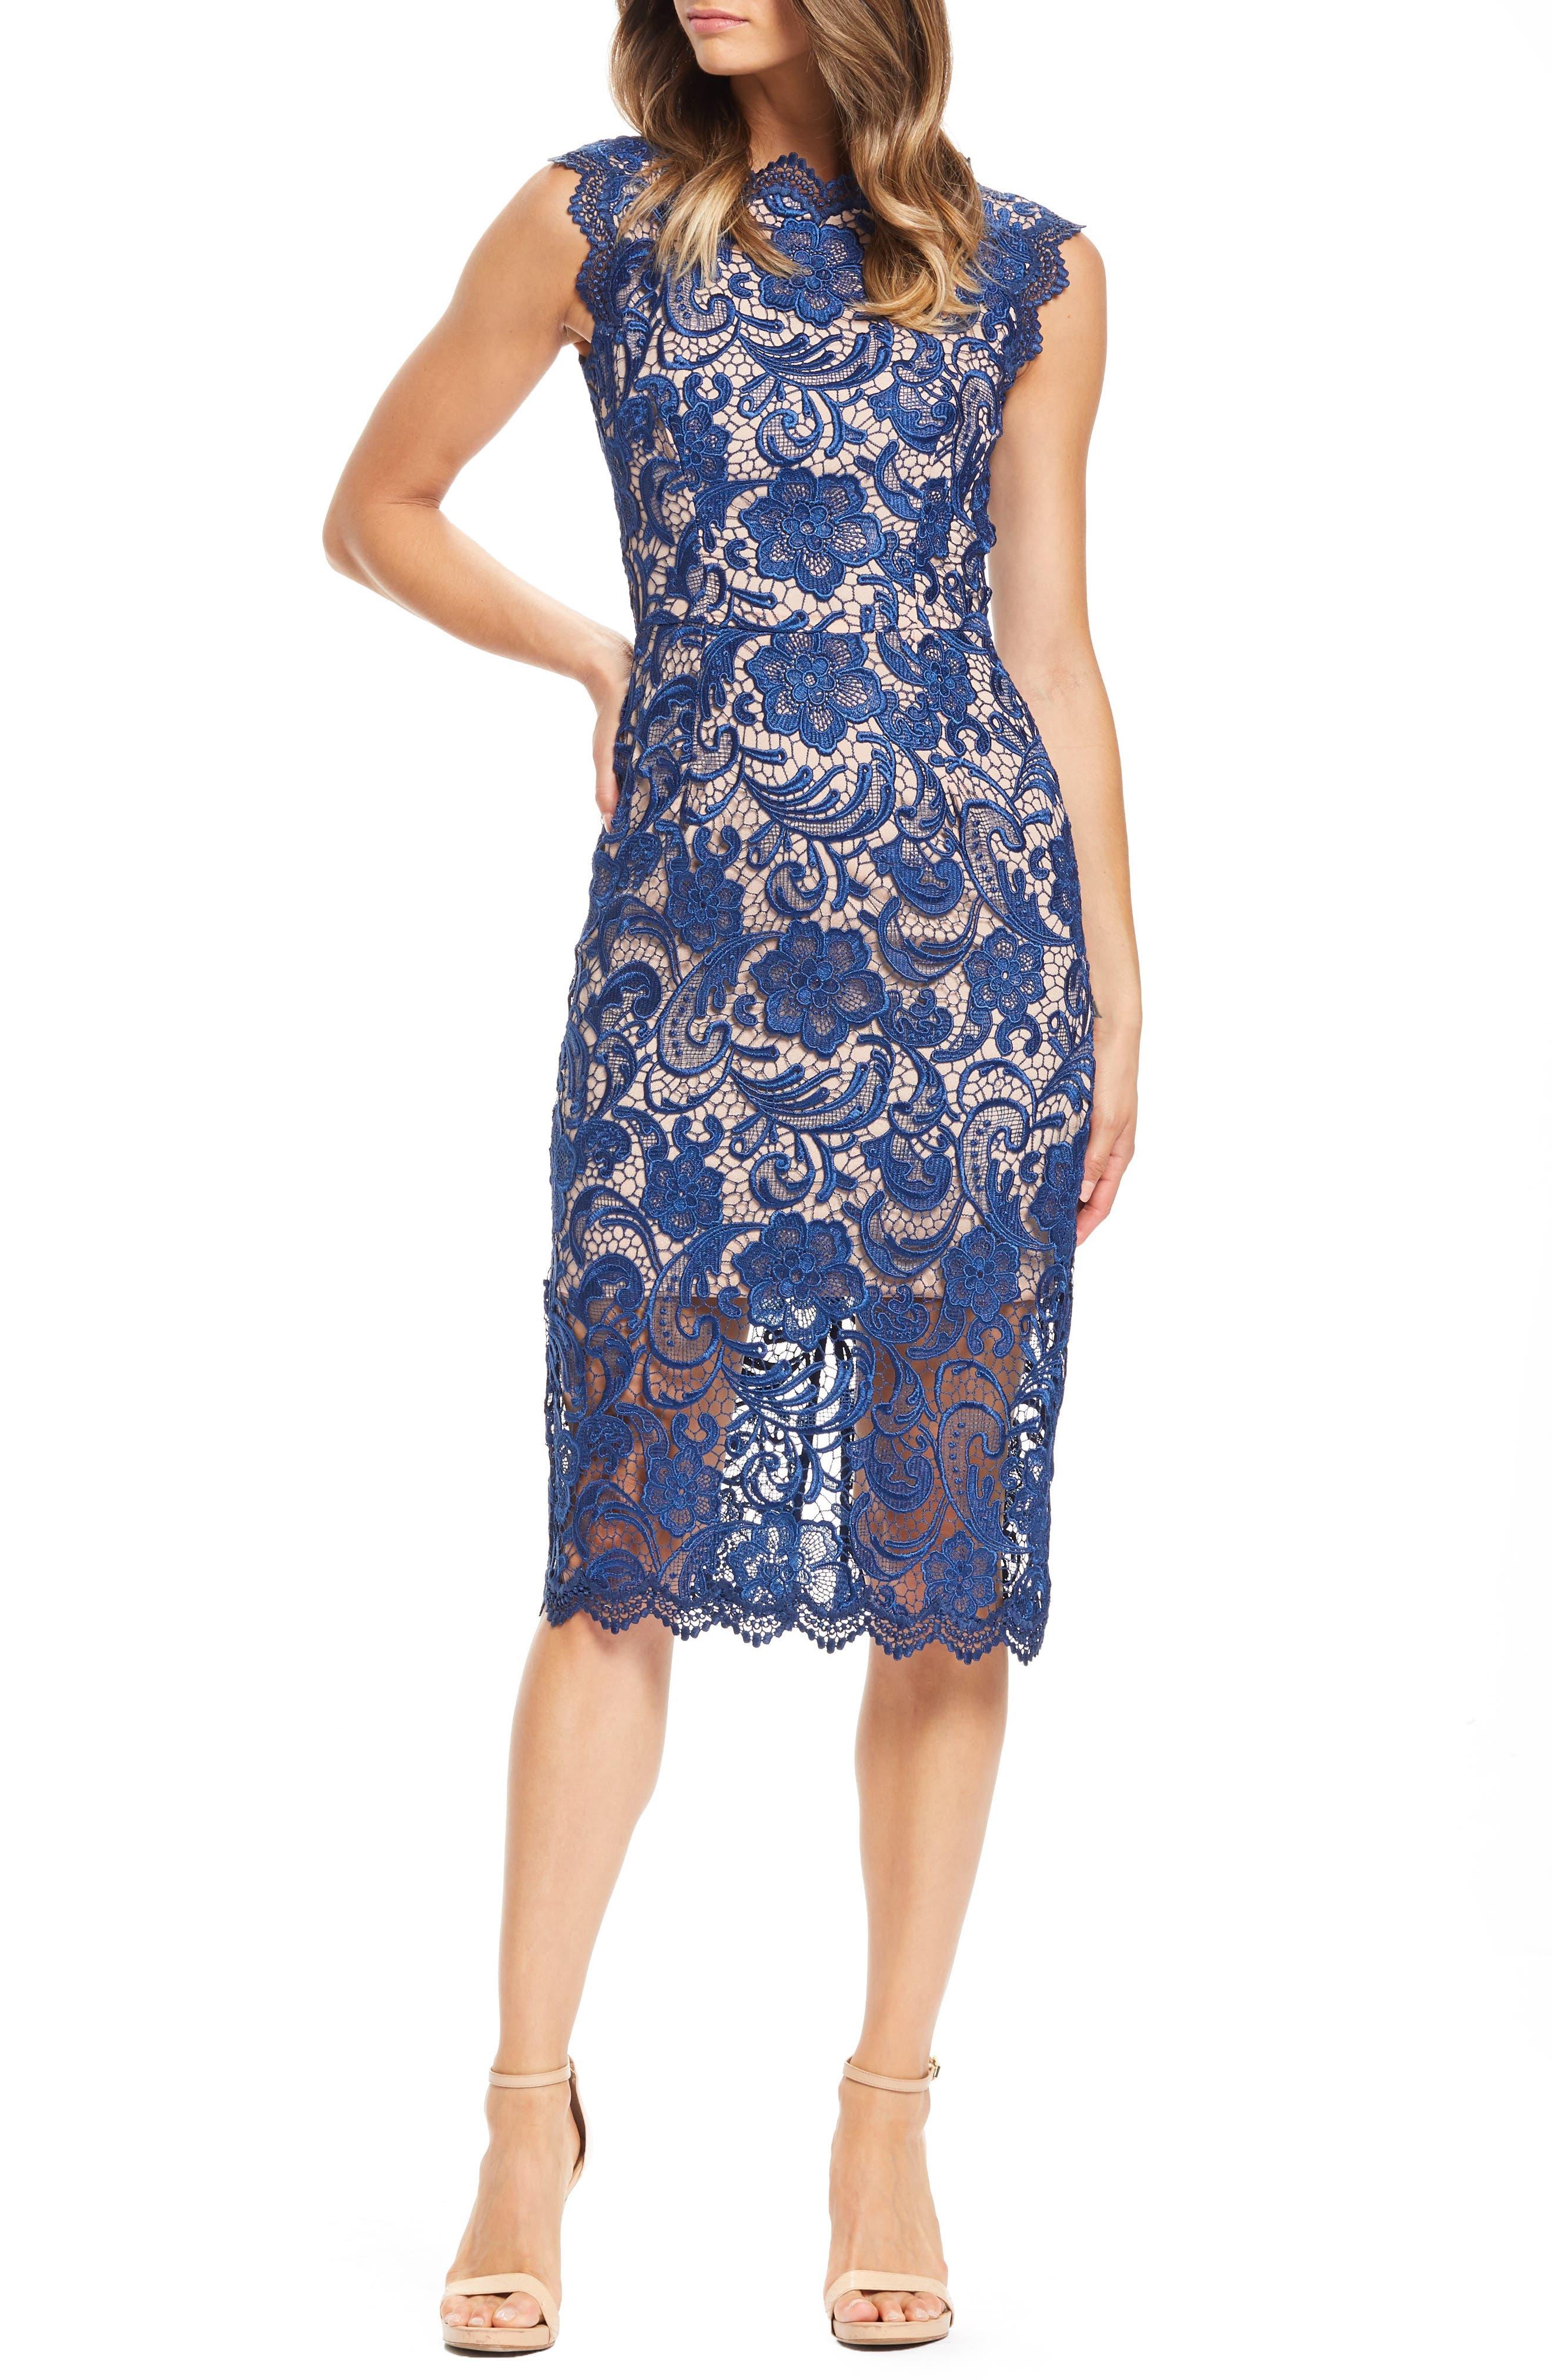 54f0c3af83d9 Dress The Population Claudette Crochet Lace Sheath Dress, Blue